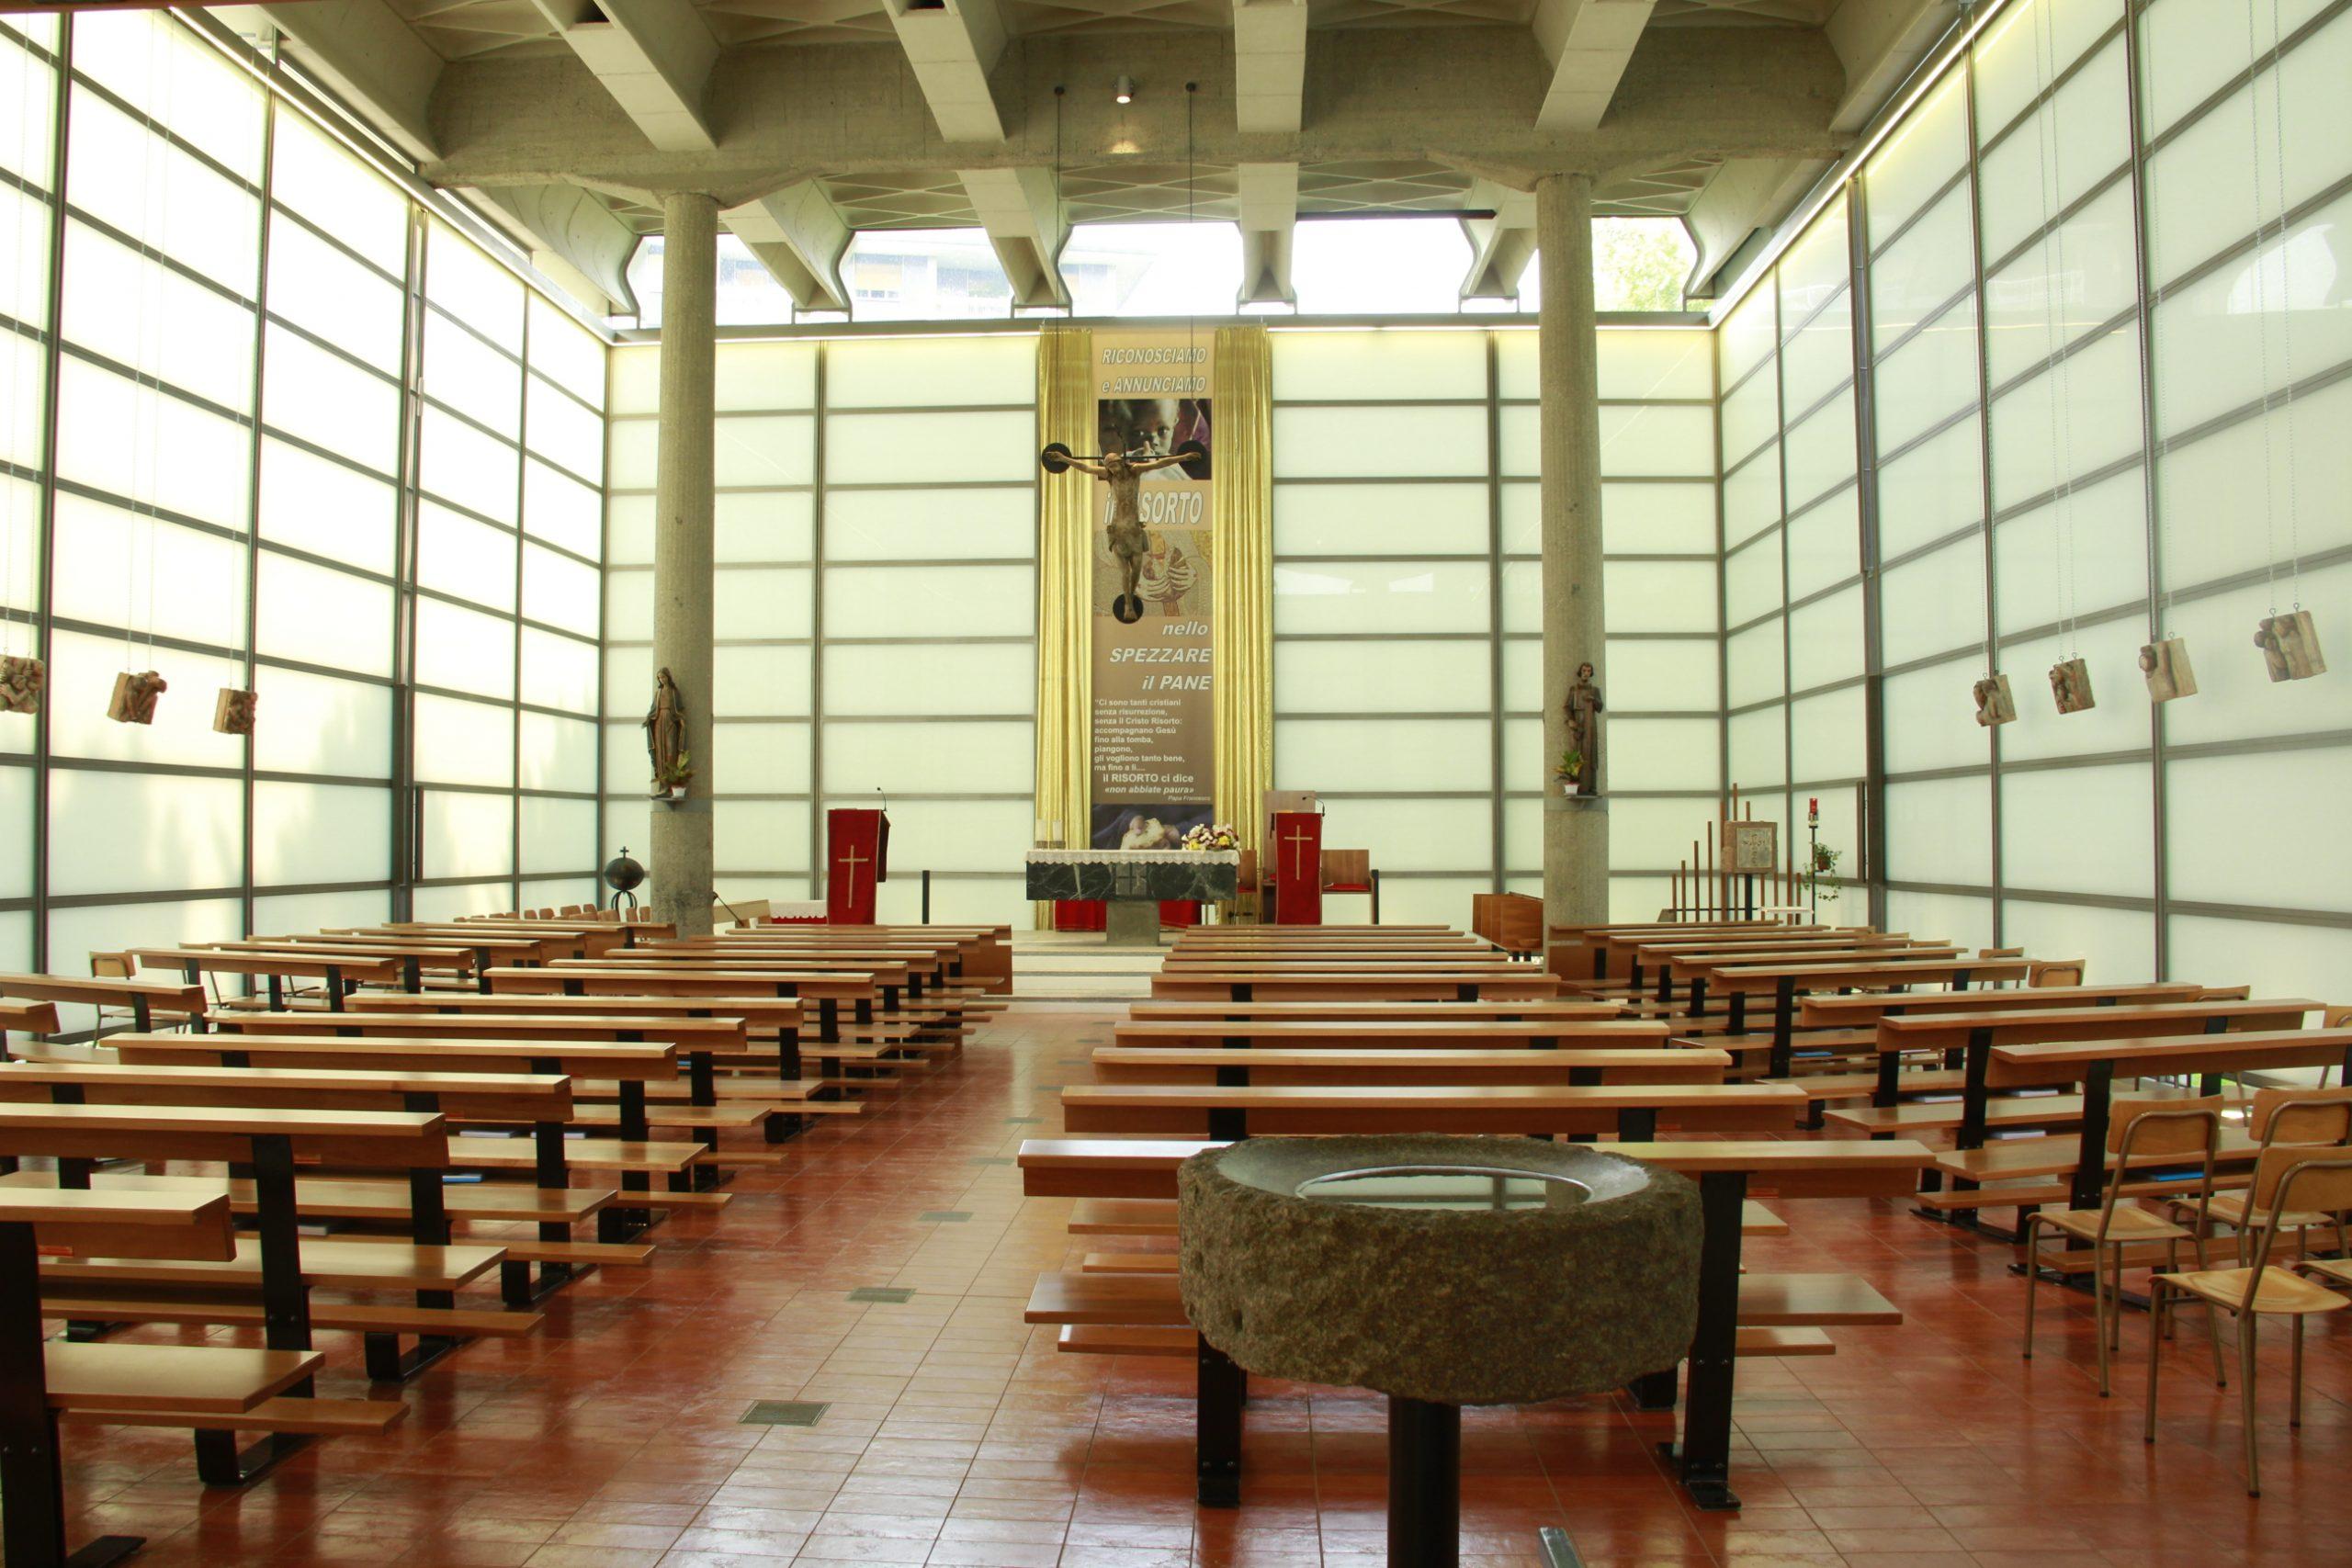 CHURCH OF BARANZATE